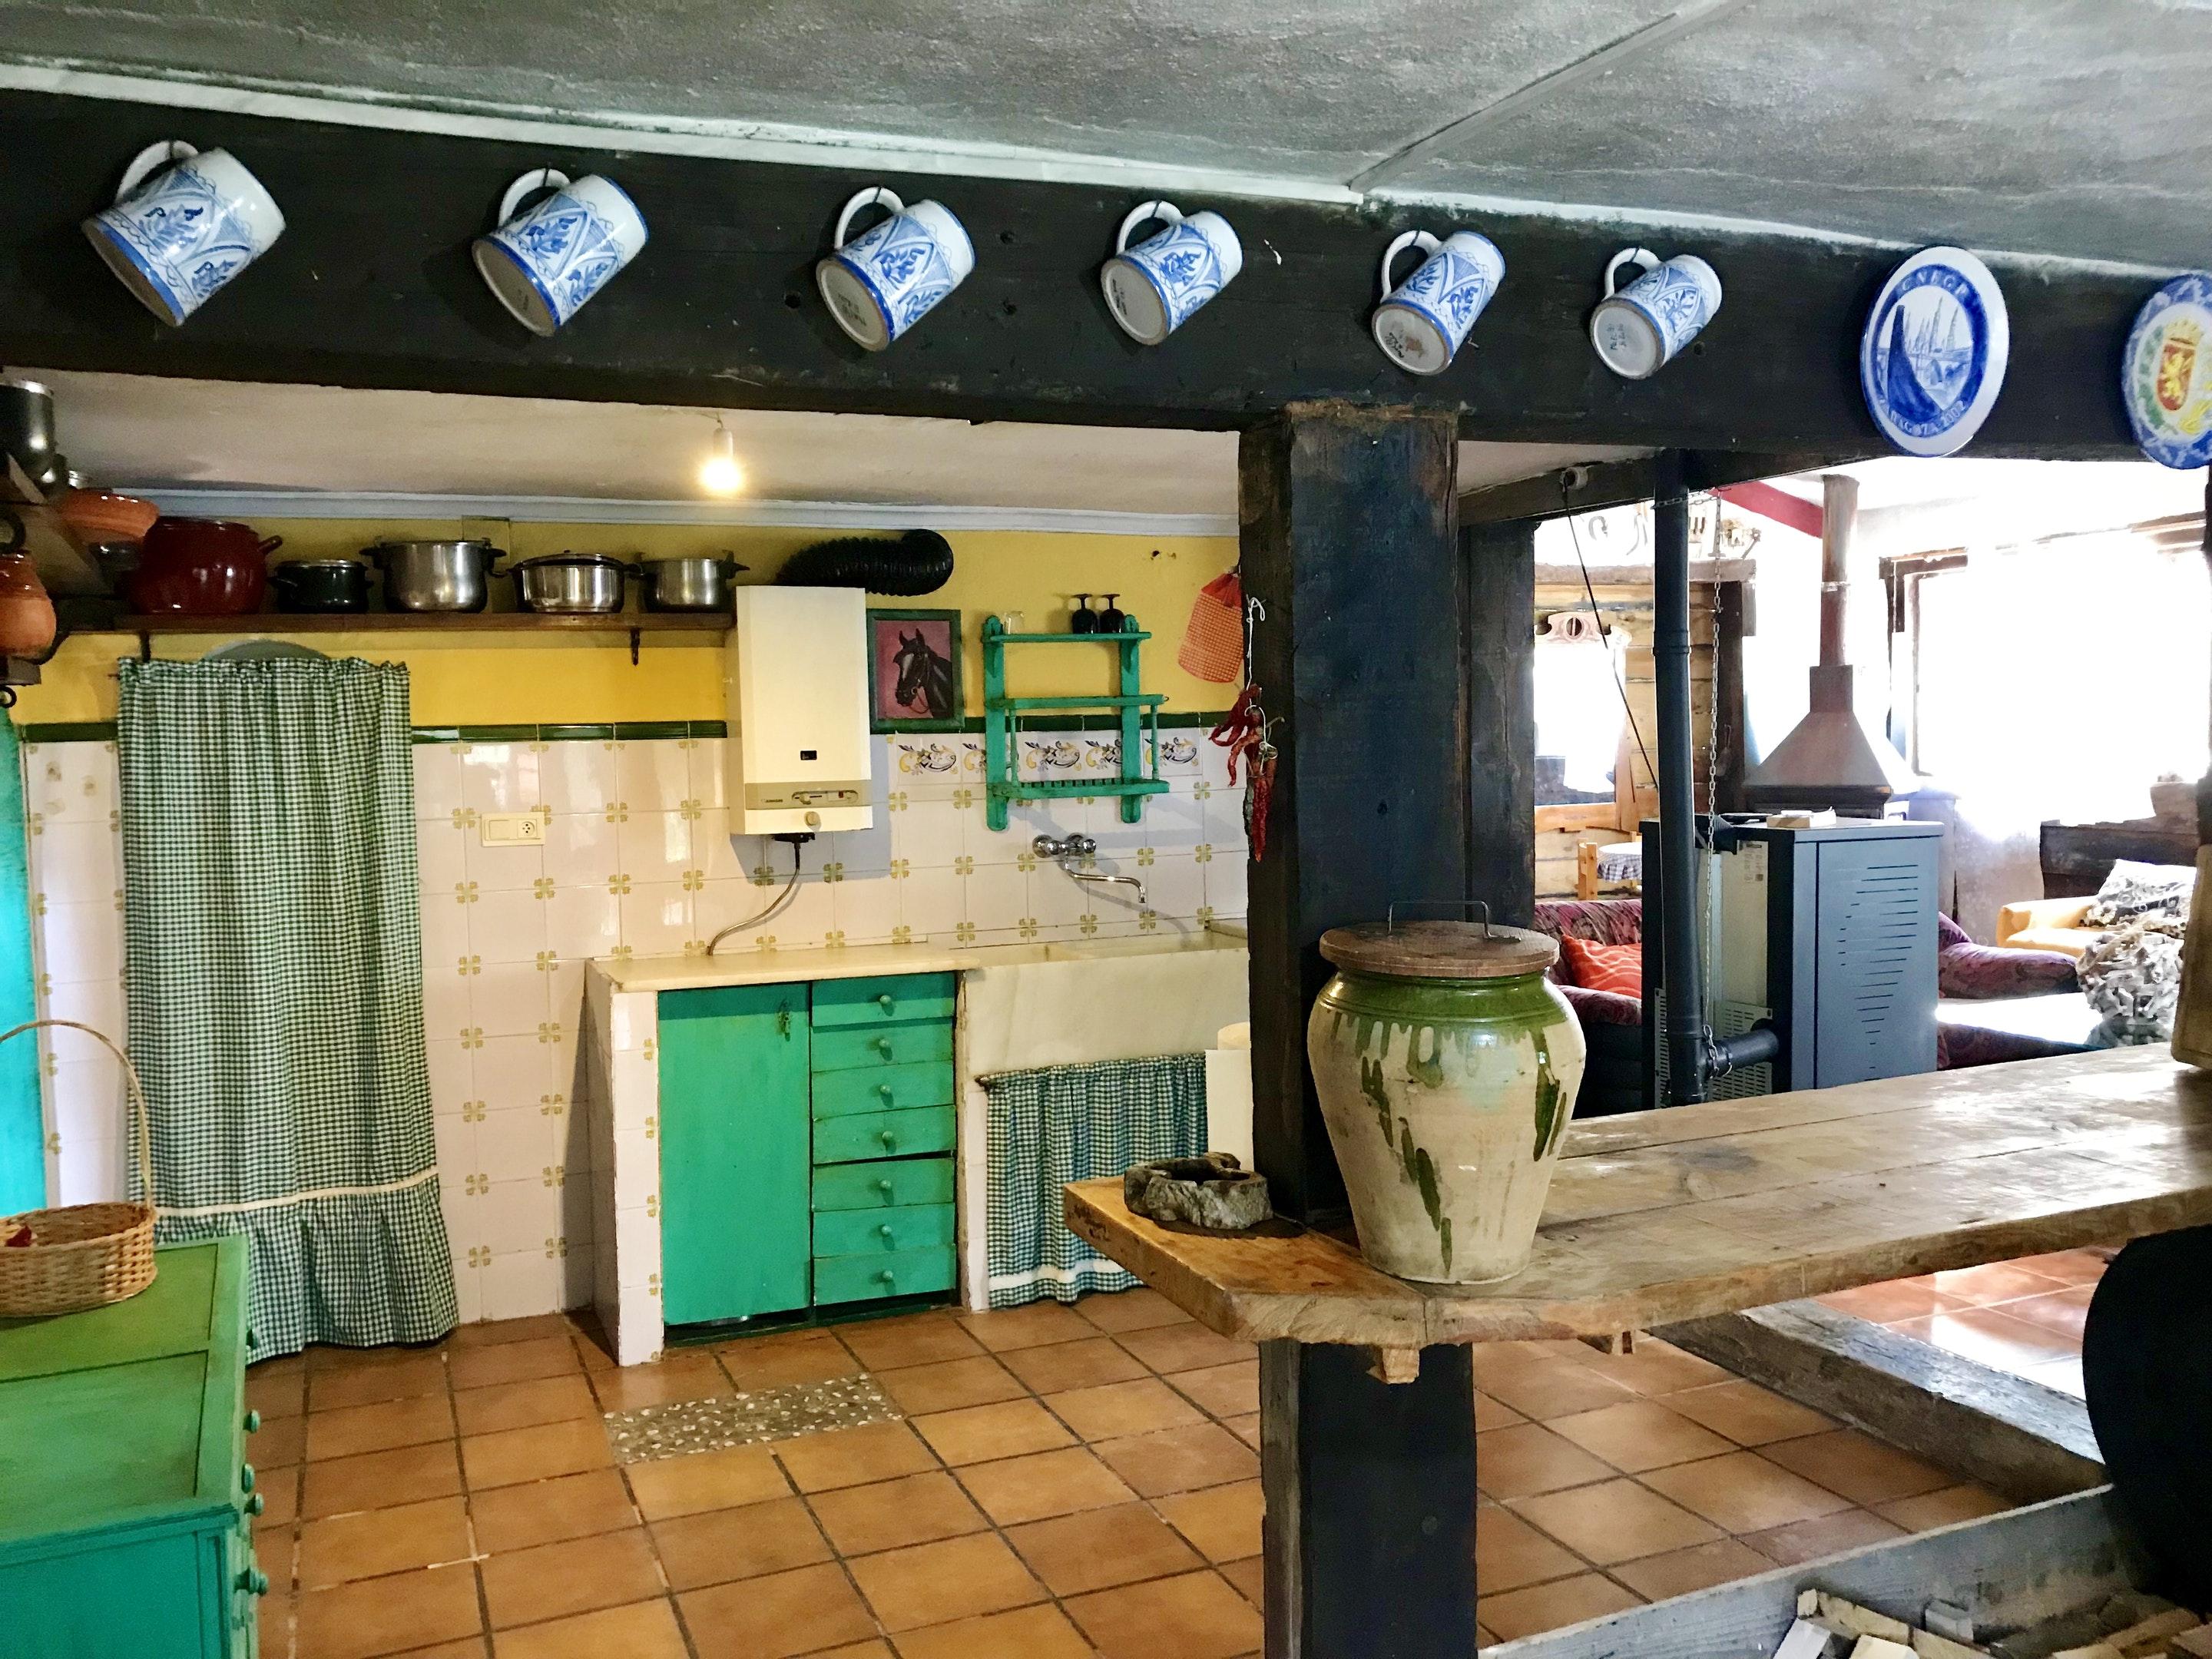 Maison de vacances Hütte mit 4 Schlafzimmern in Camarena de la Sierra mit toller Aussicht auf die Berge, priv (2474258), Camarena de la Sierra, Teruel, Aragon, Espagne, image 20